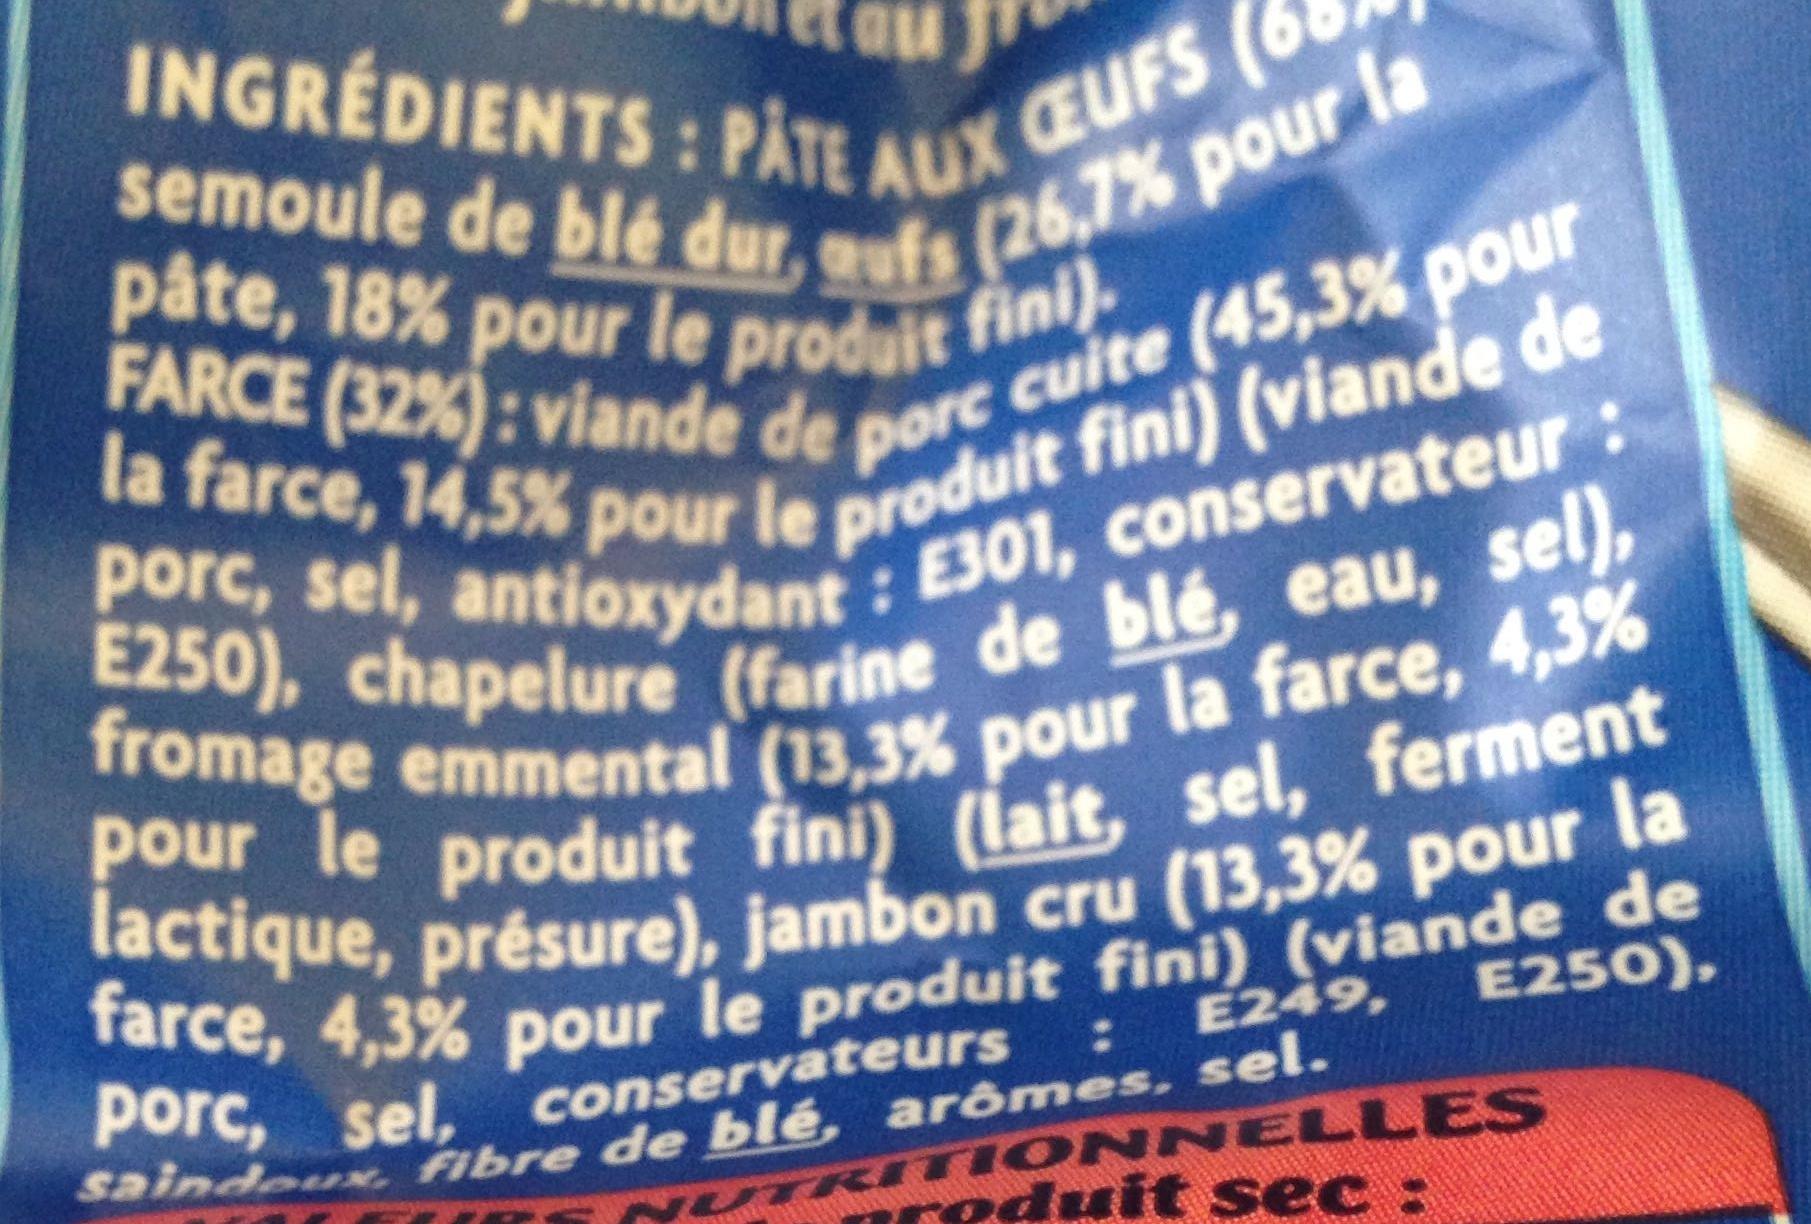 Raviolis jambon cru et fromage - Ingredients